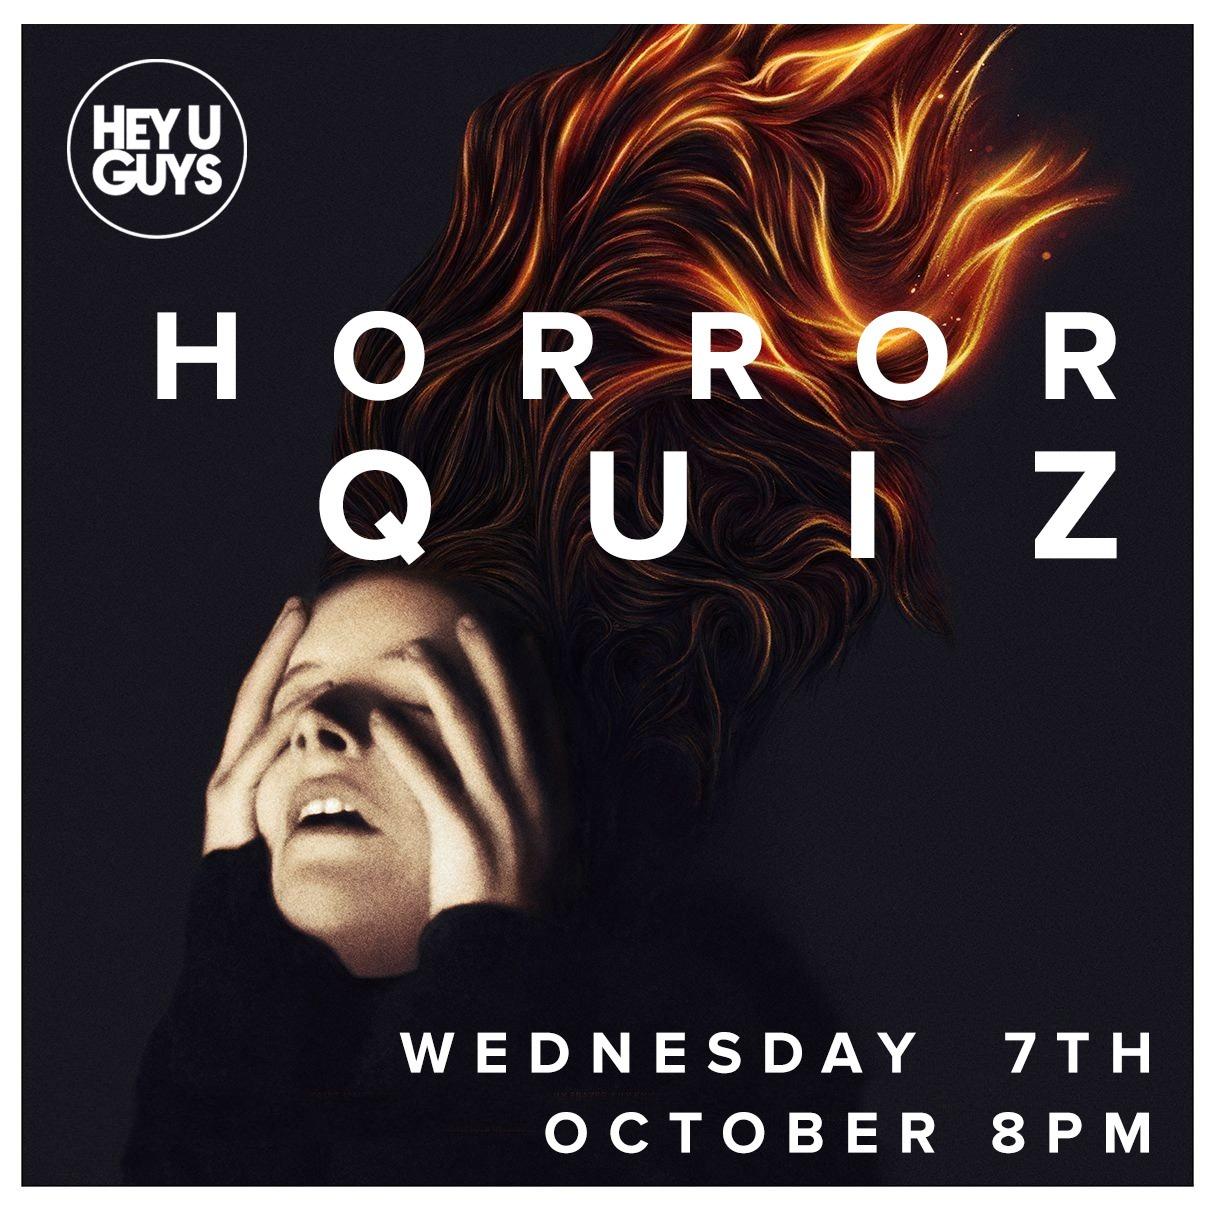 HeyUGuys Horror Quiz